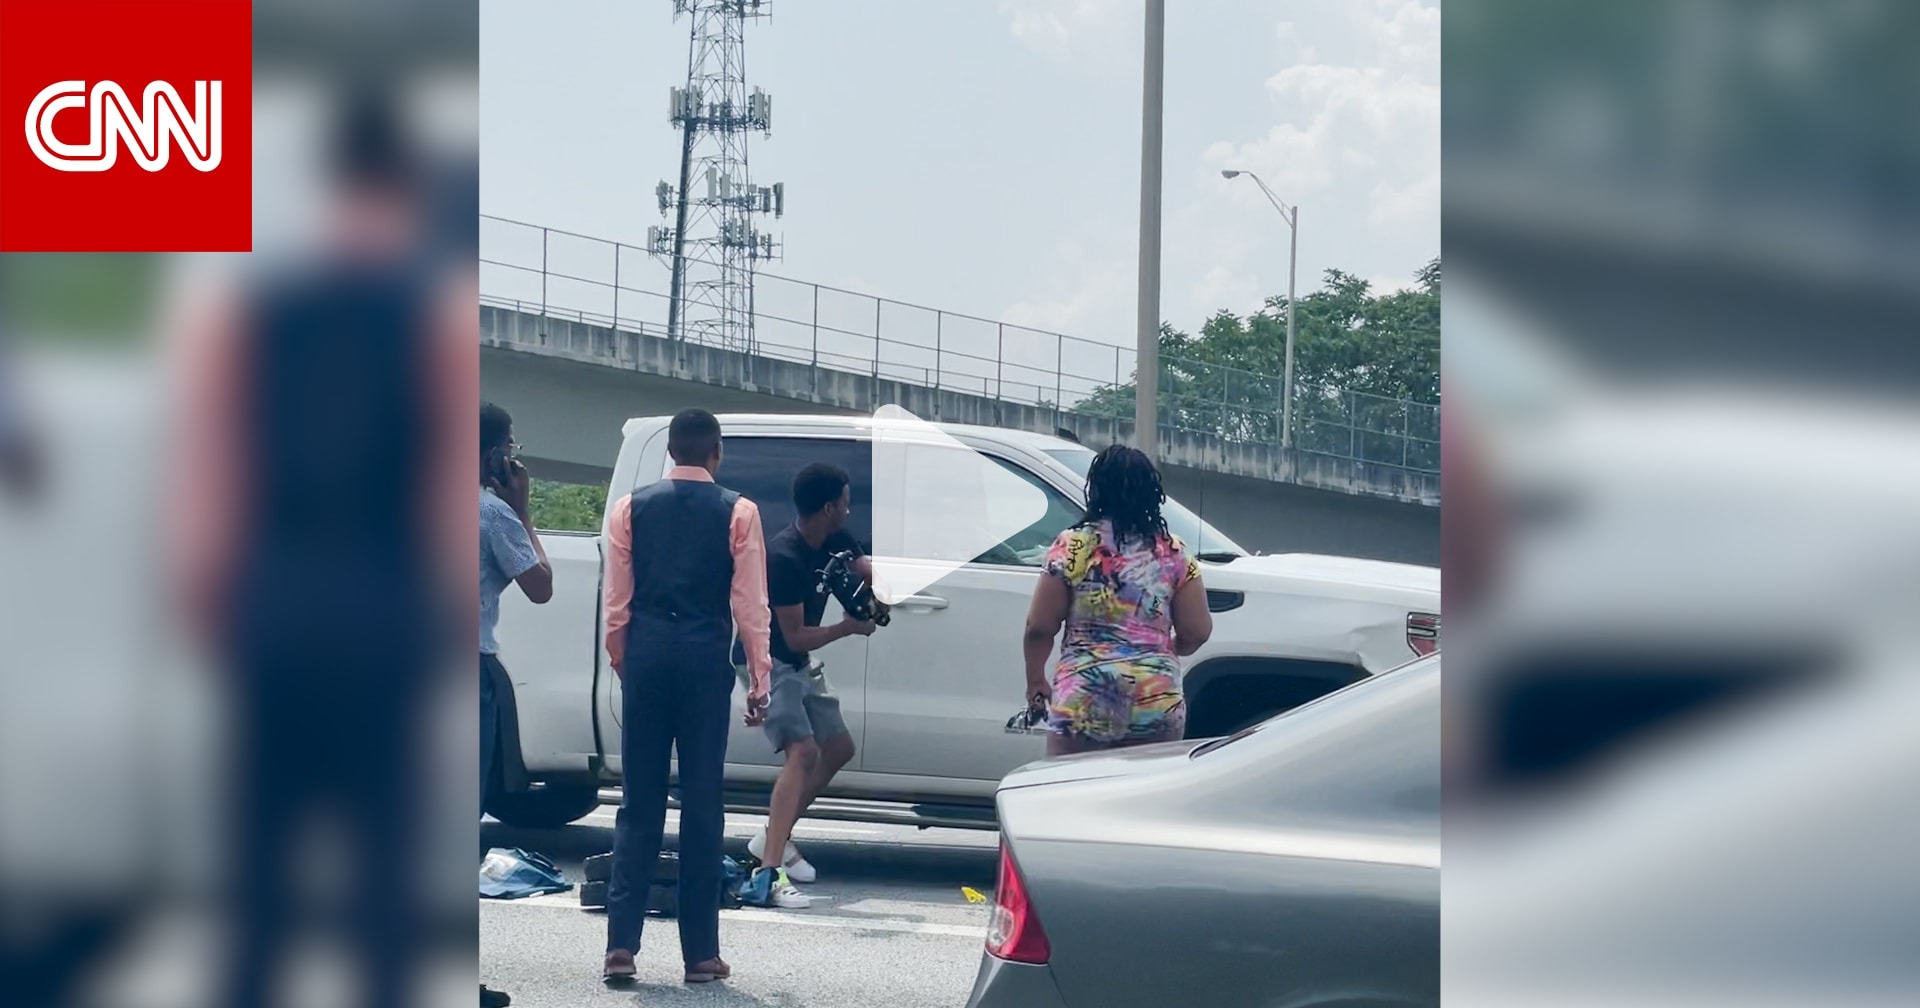 فيديو يظهر ضرب أشخاص لمركبة بعنف على طريق سريع.. ما السبب؟